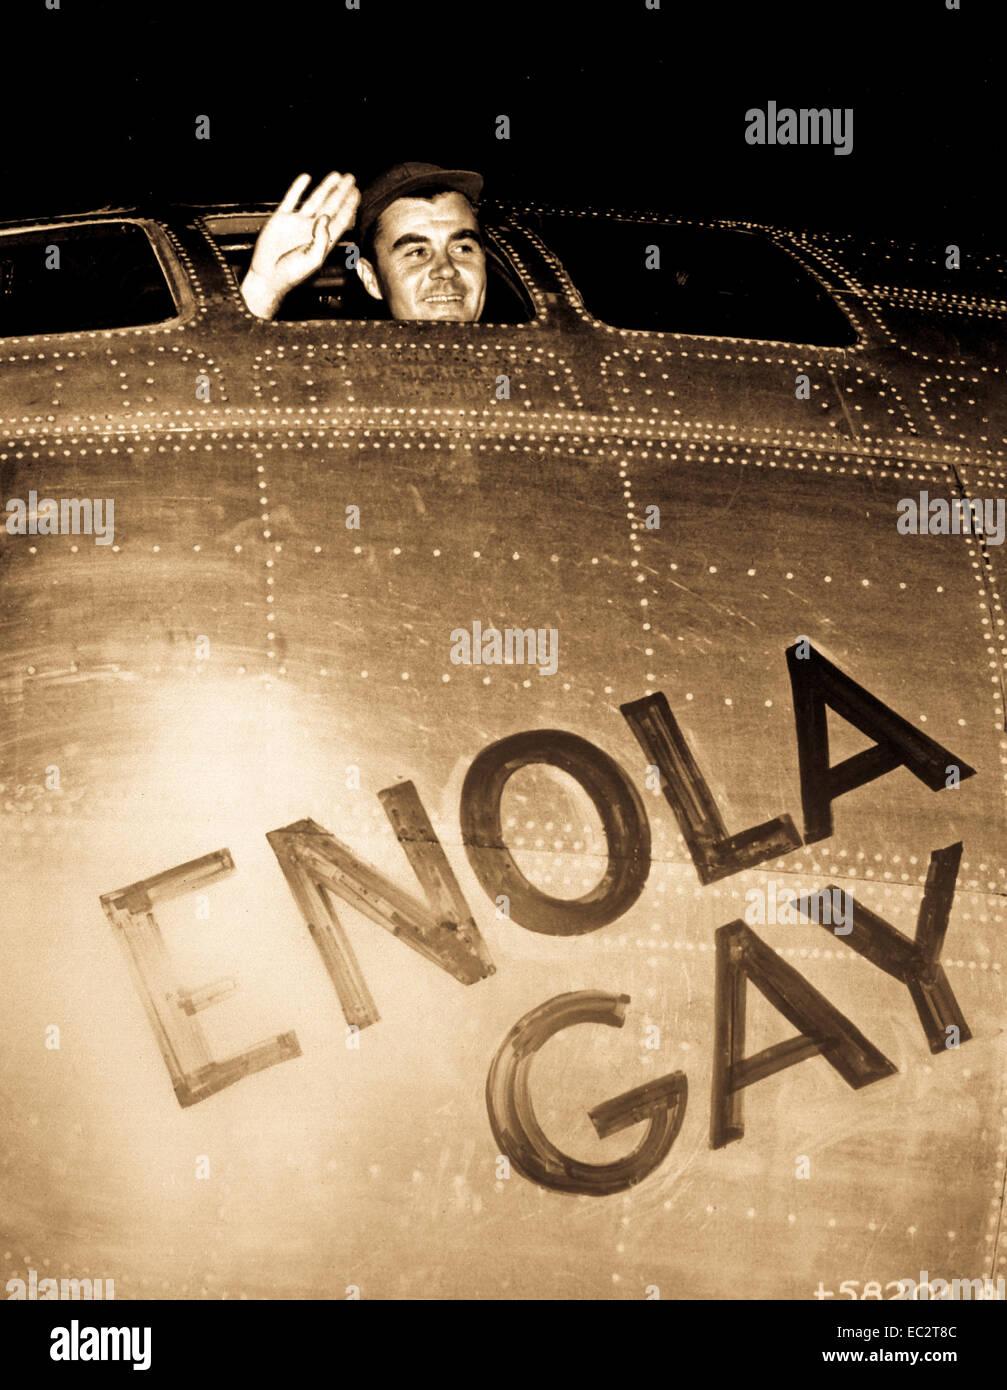 col tibbets enola gay